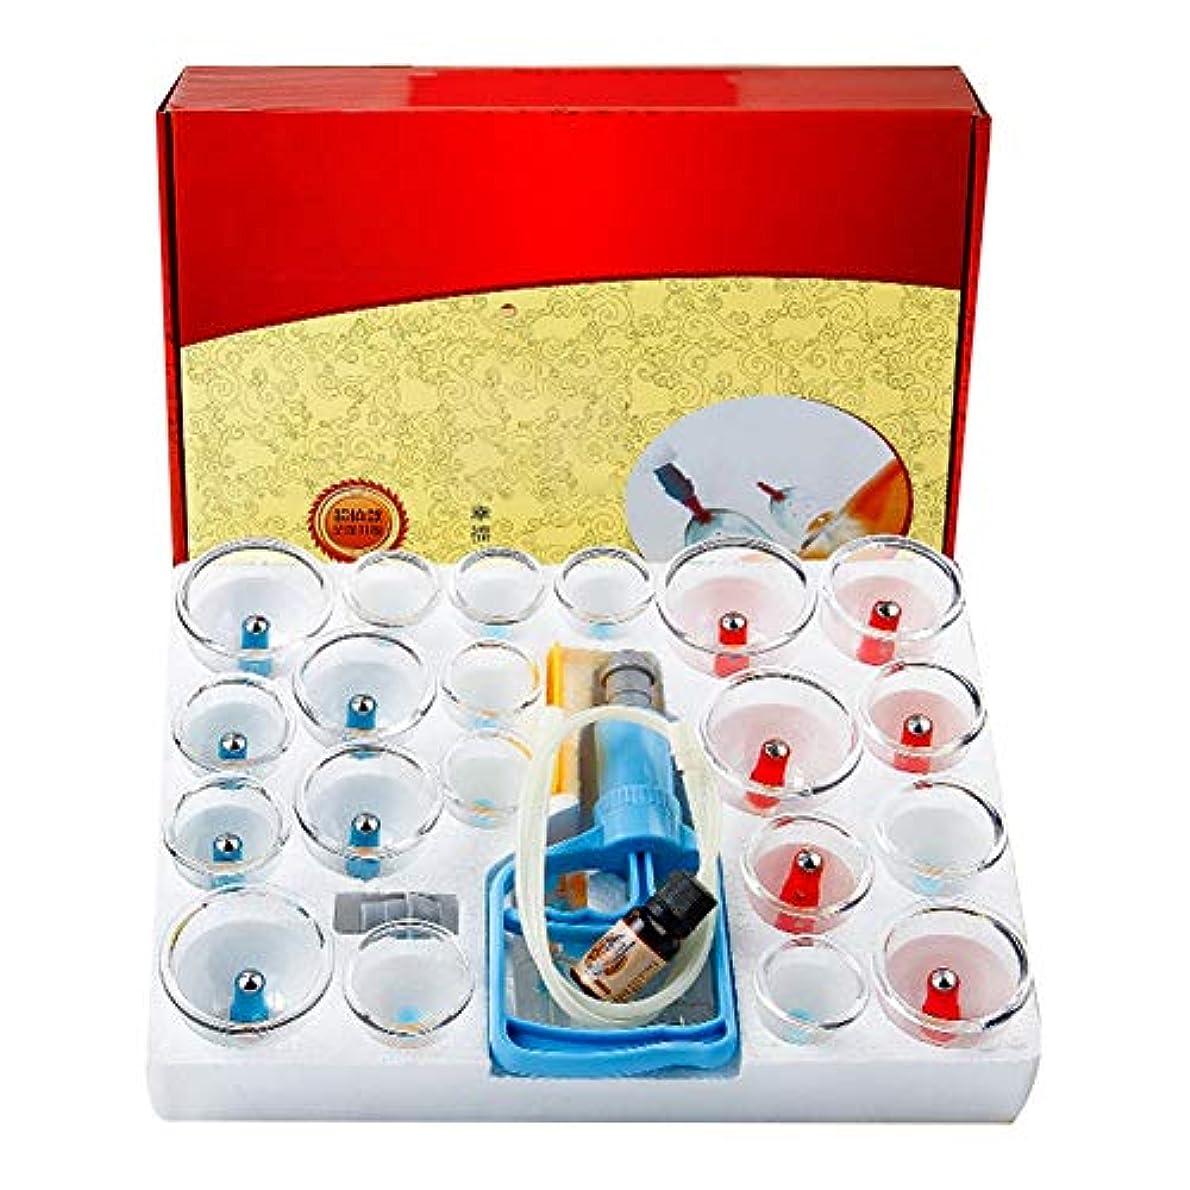 メタンとは異なりジョットディボンドン24カップカッピングセットプラスチック、真空吸引生体磁気、ポンプ付き医療、女性と男性用、ストレスマッスルリリーフ、親家族への最高の贈り物